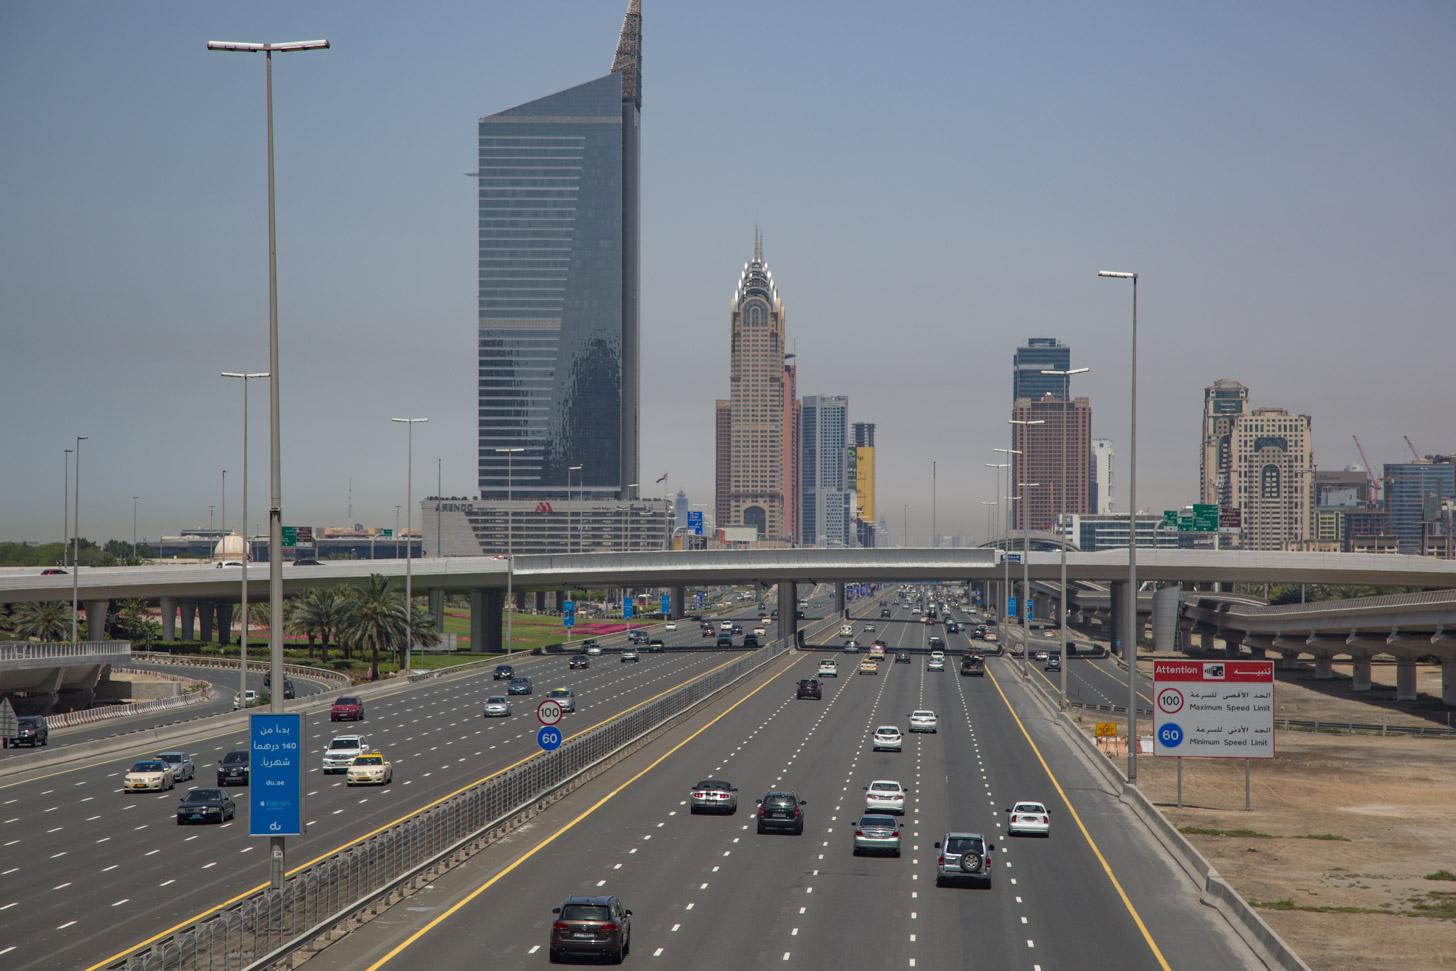 De Sheikh Zayed Road is een belangrijke verkeersader in Dubai